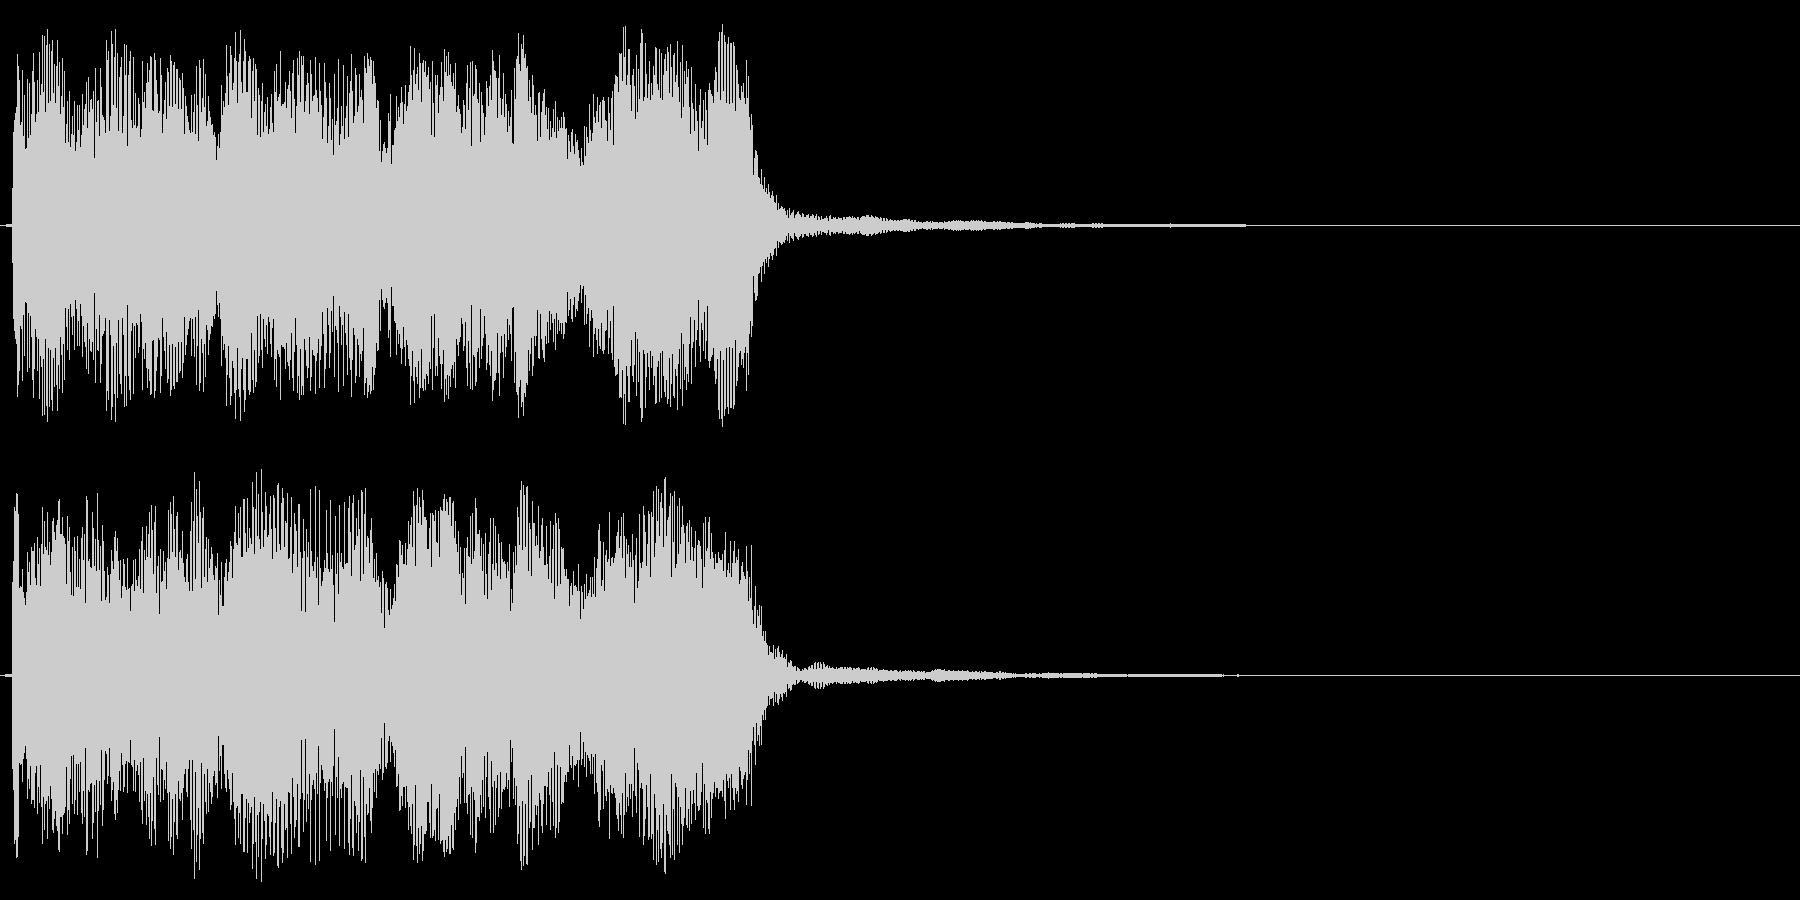 コミカルなミス音 不正解 ダダー 変な音の未再生の波形